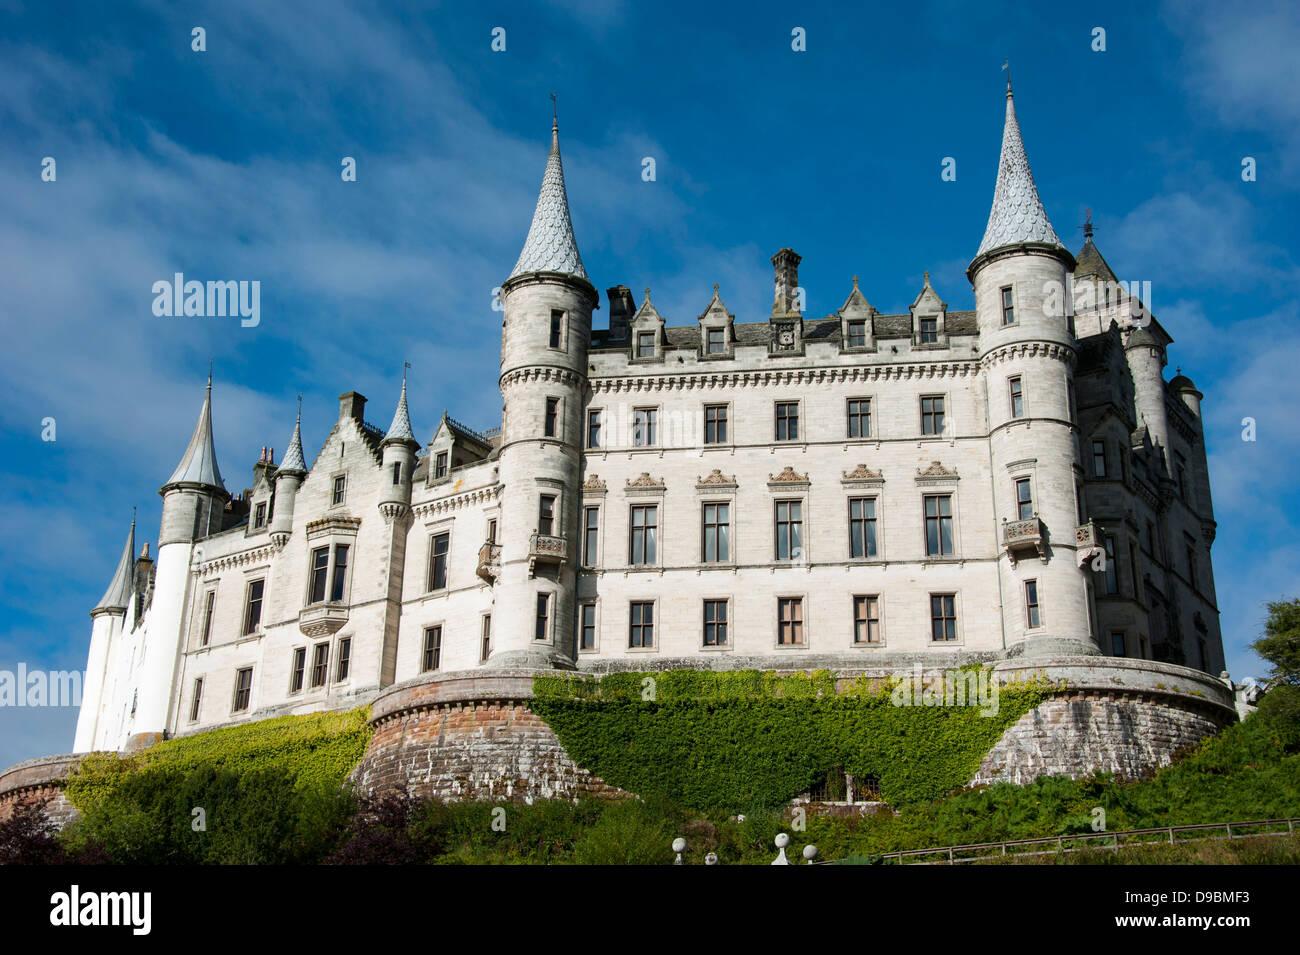 Dunrobin Castle Scotland Sutherland Stock Photos   Dunrobin Castle ... de83eccd56636